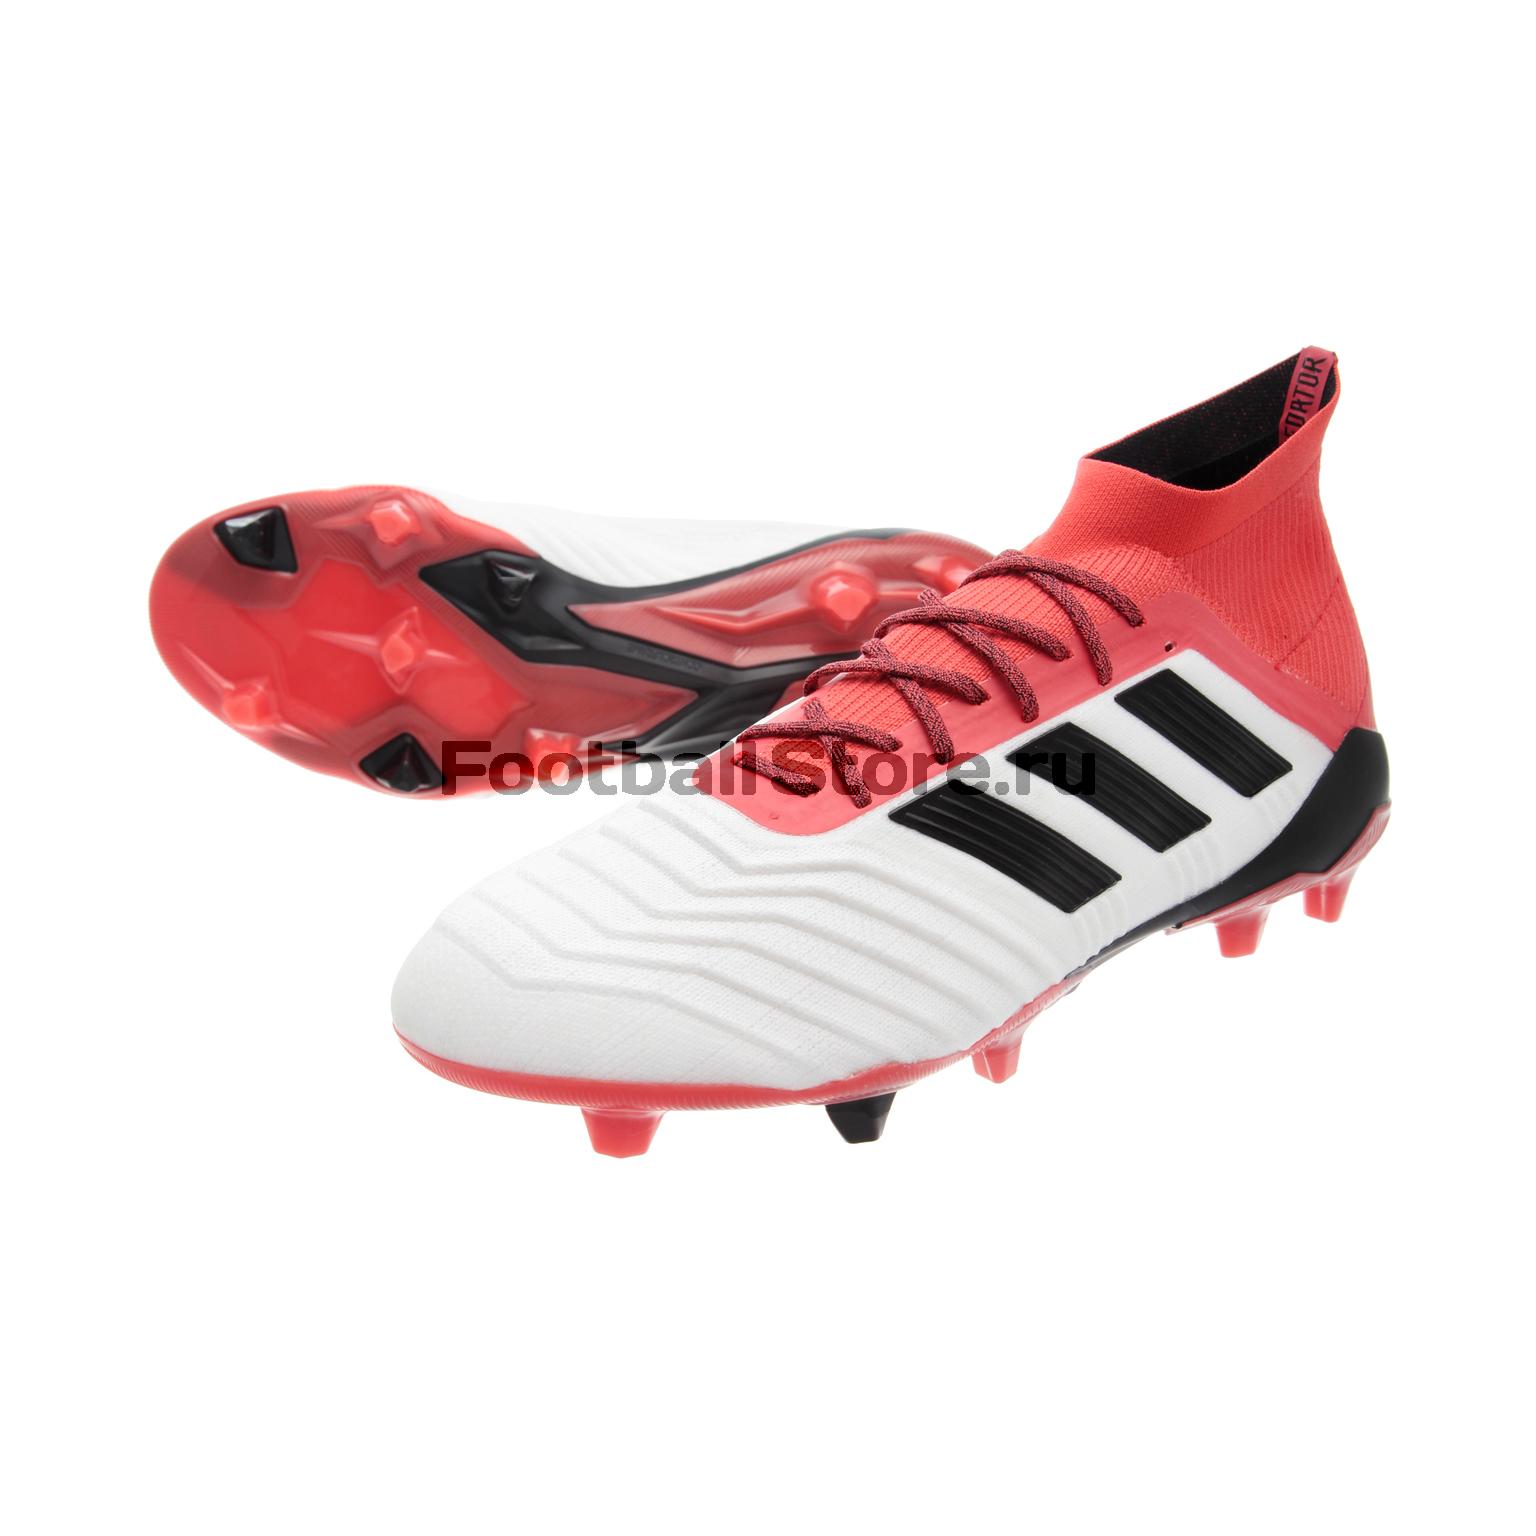 купить Игровые бутсы Adidas Бутсы Adidas Predator 18.1 FG CM7410 по цене 15990 рублей